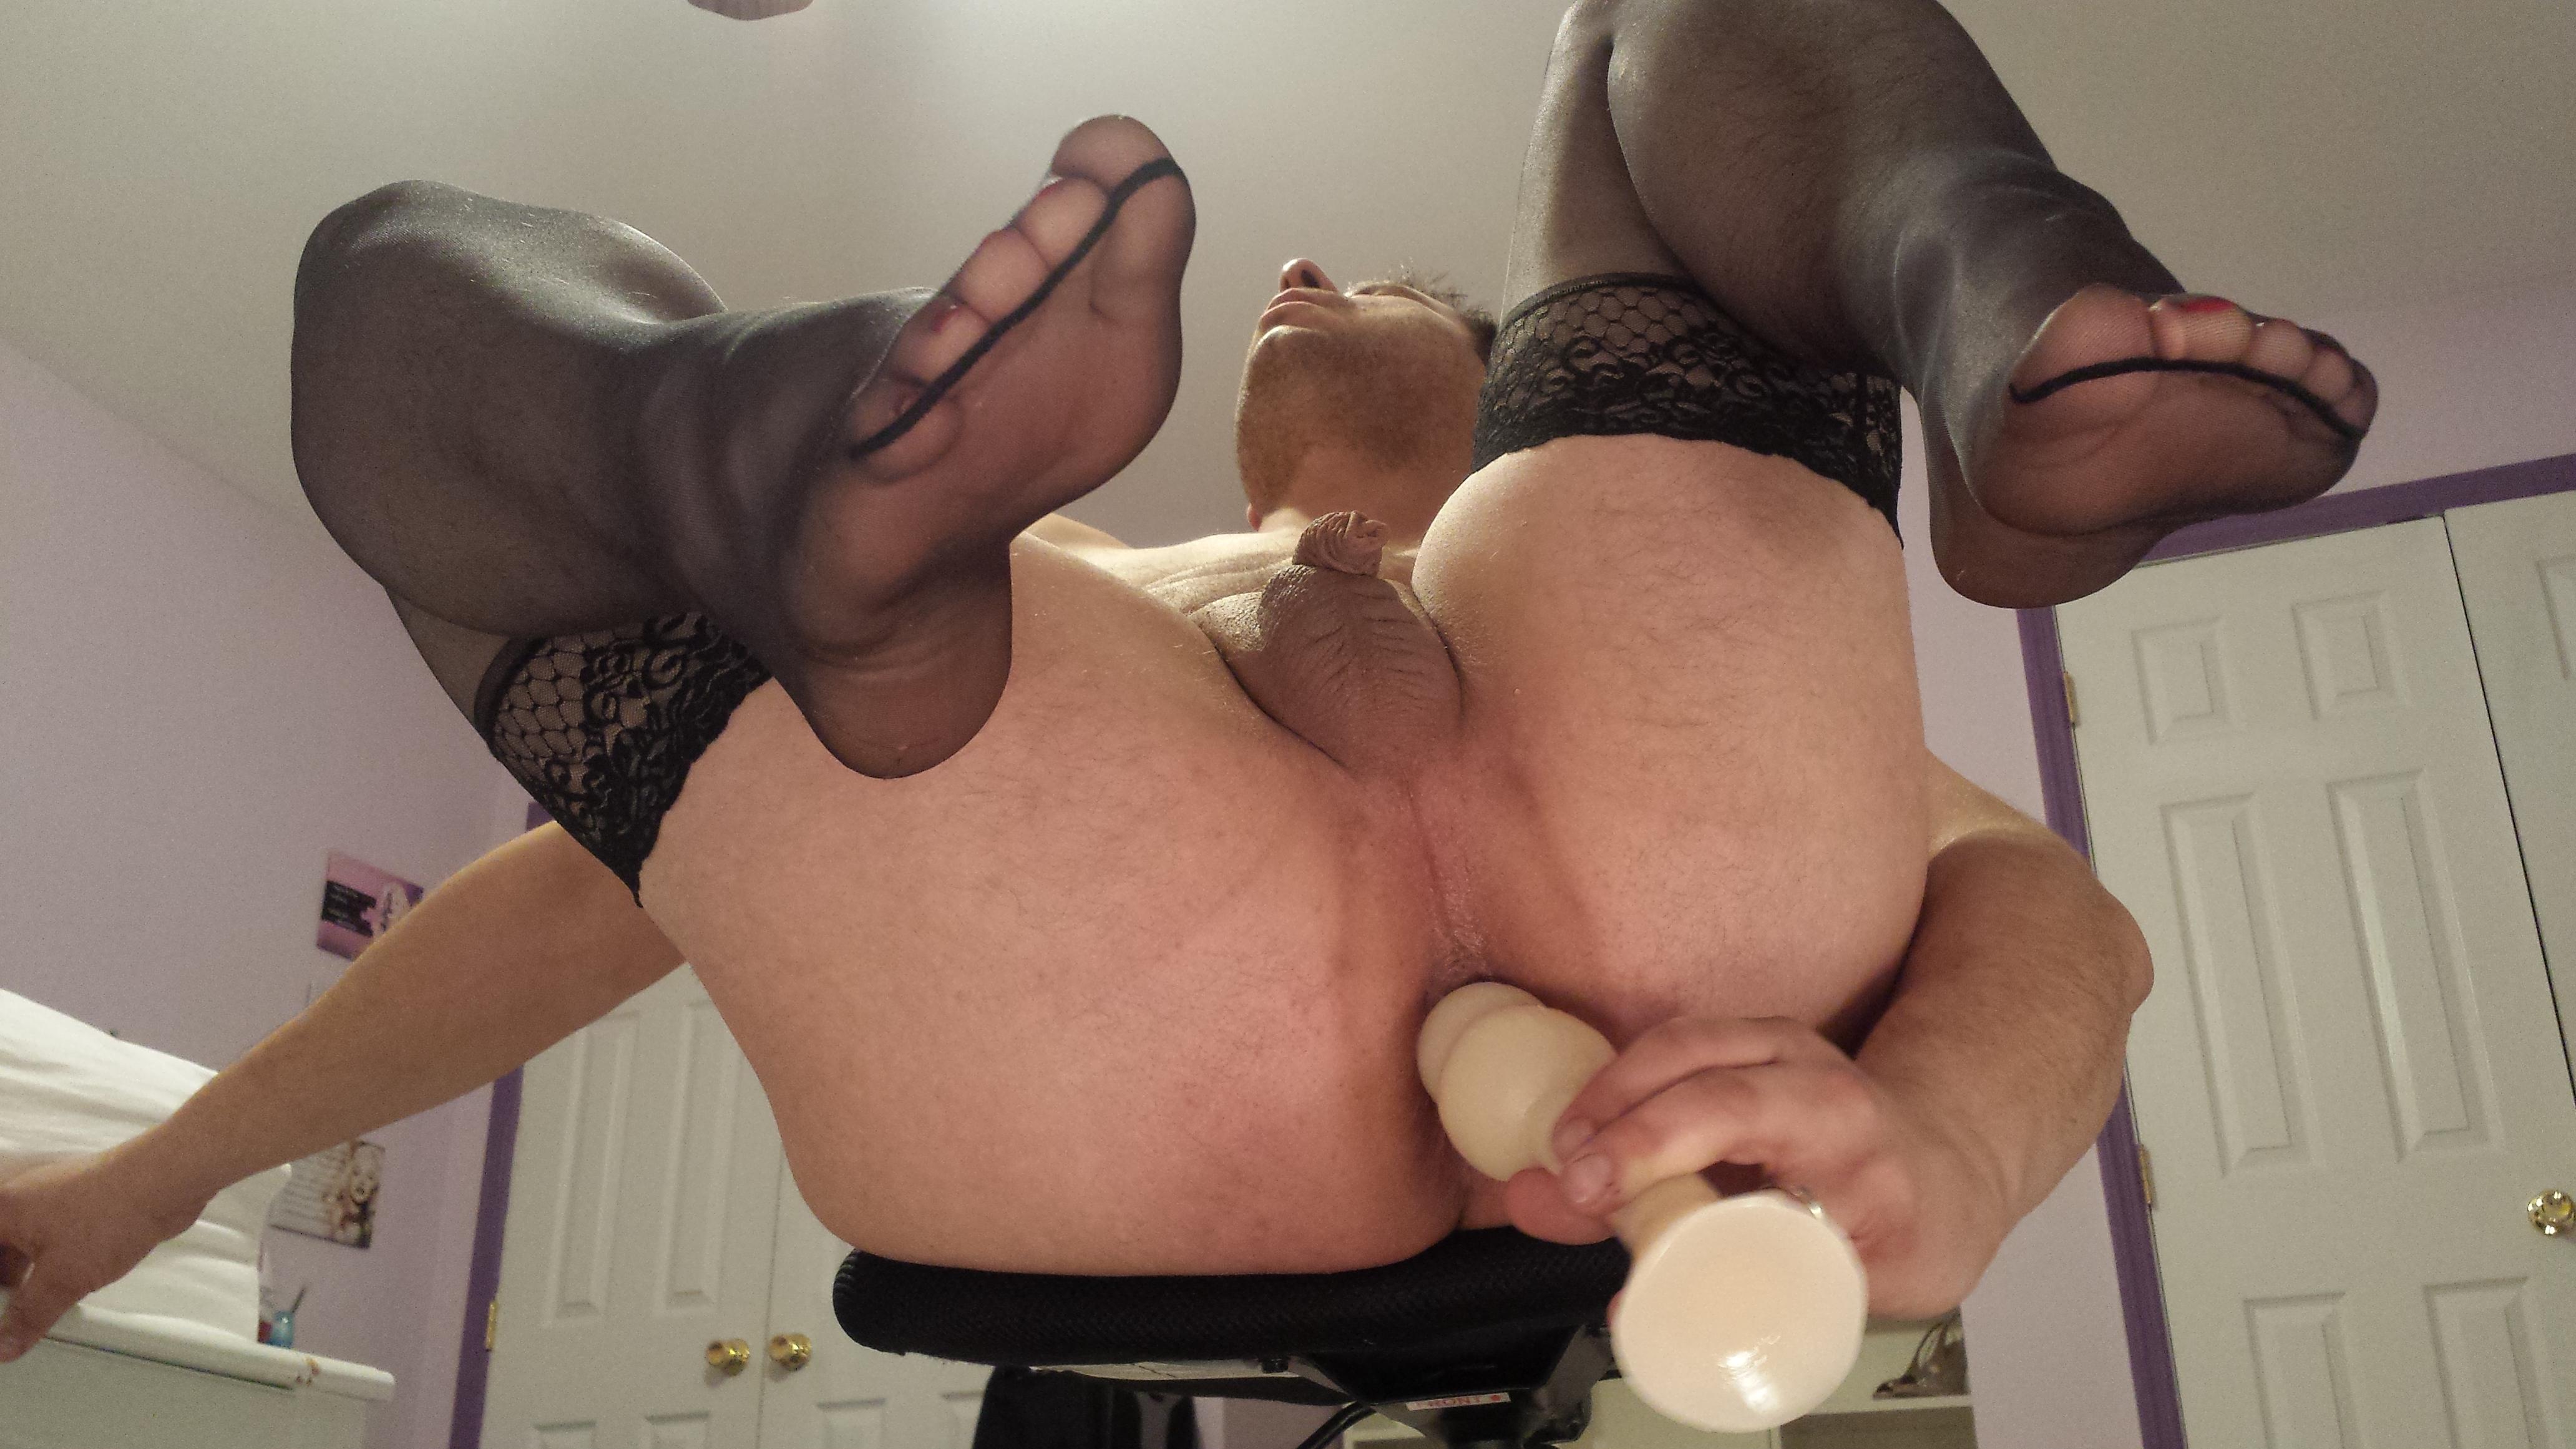 Фетиш по домашнему порно, Главная: Порно фетиш и извращения онлайн 23 фотография